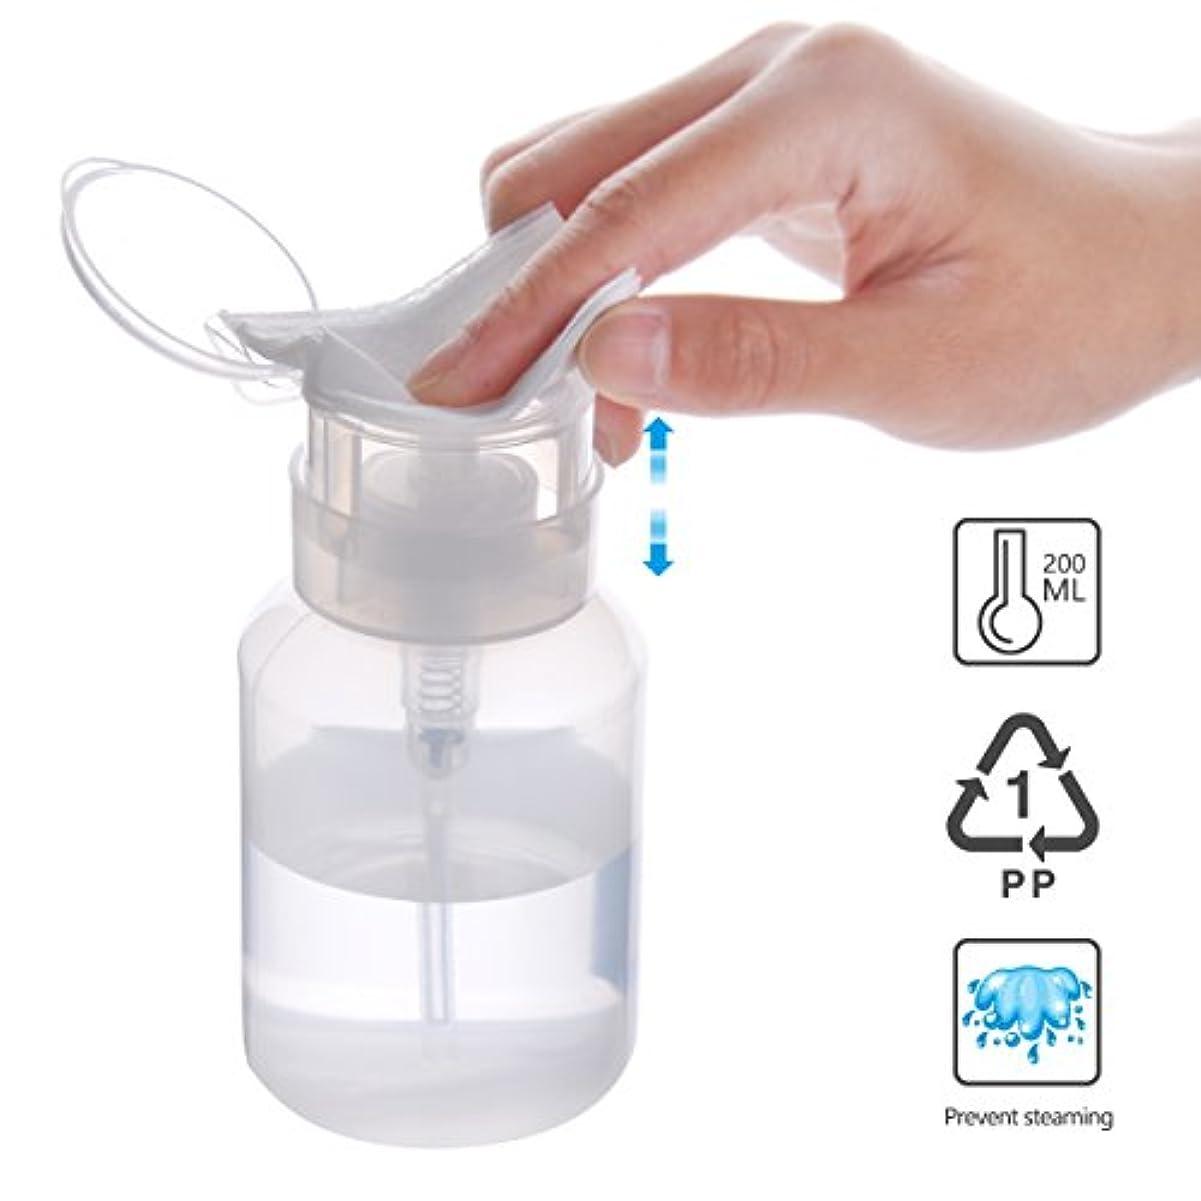 容量で最後にBiutee 200 mlリットル空ポンプ ボトル 2個入り ネイルアートツール ネイル道具 ネイルケア セット ネイルケア用品 ネイル ジェル (ネイルブラシホルダー)